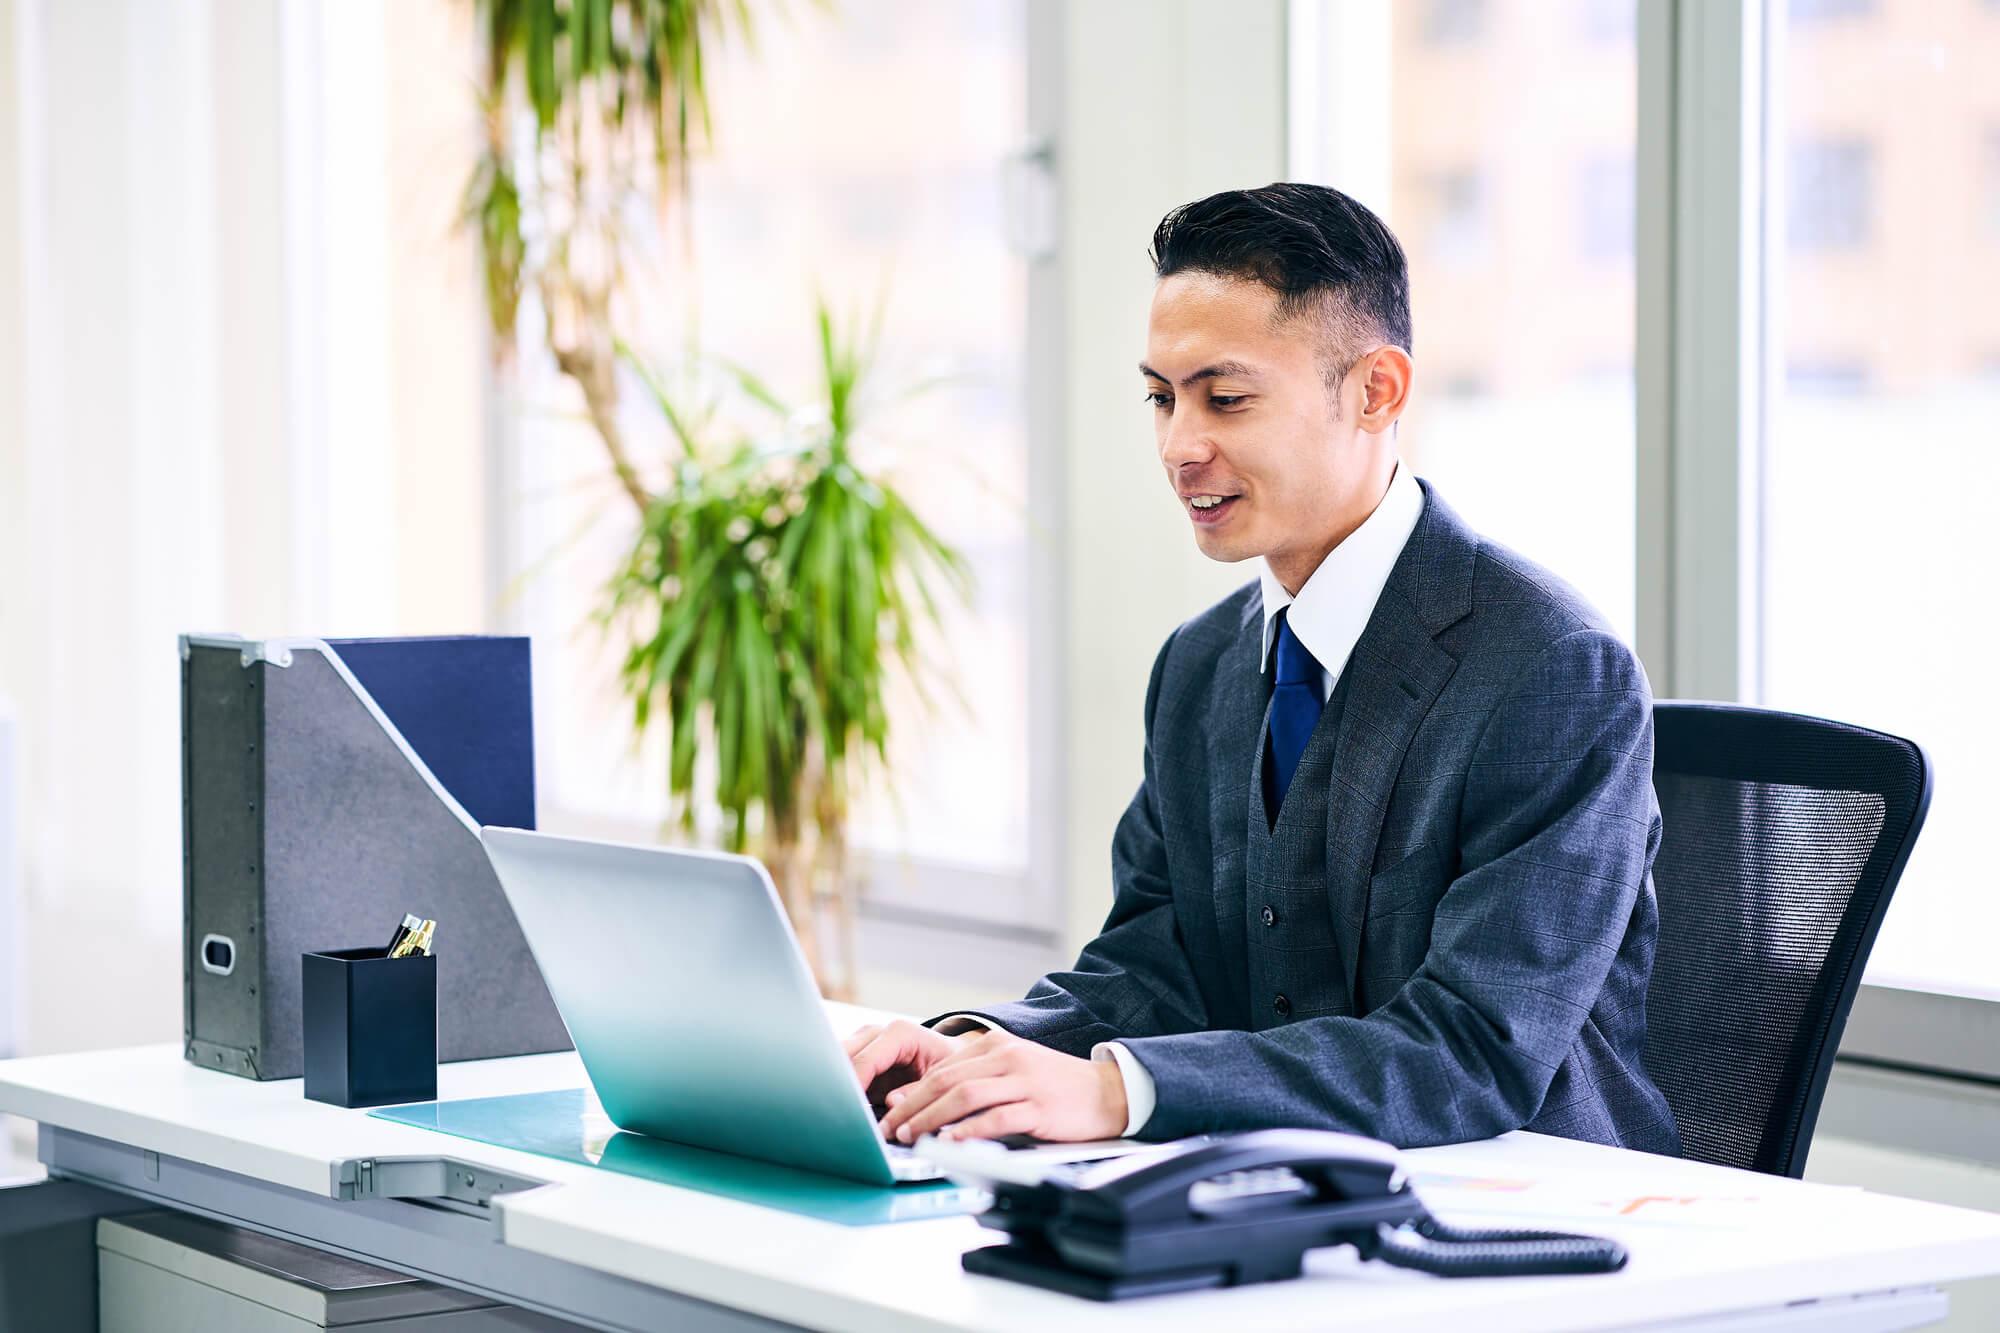 無料Web会議|通信そのものが不安定になりやすいが、コストを削減したい方、1対1や少人数での会議におすすめ